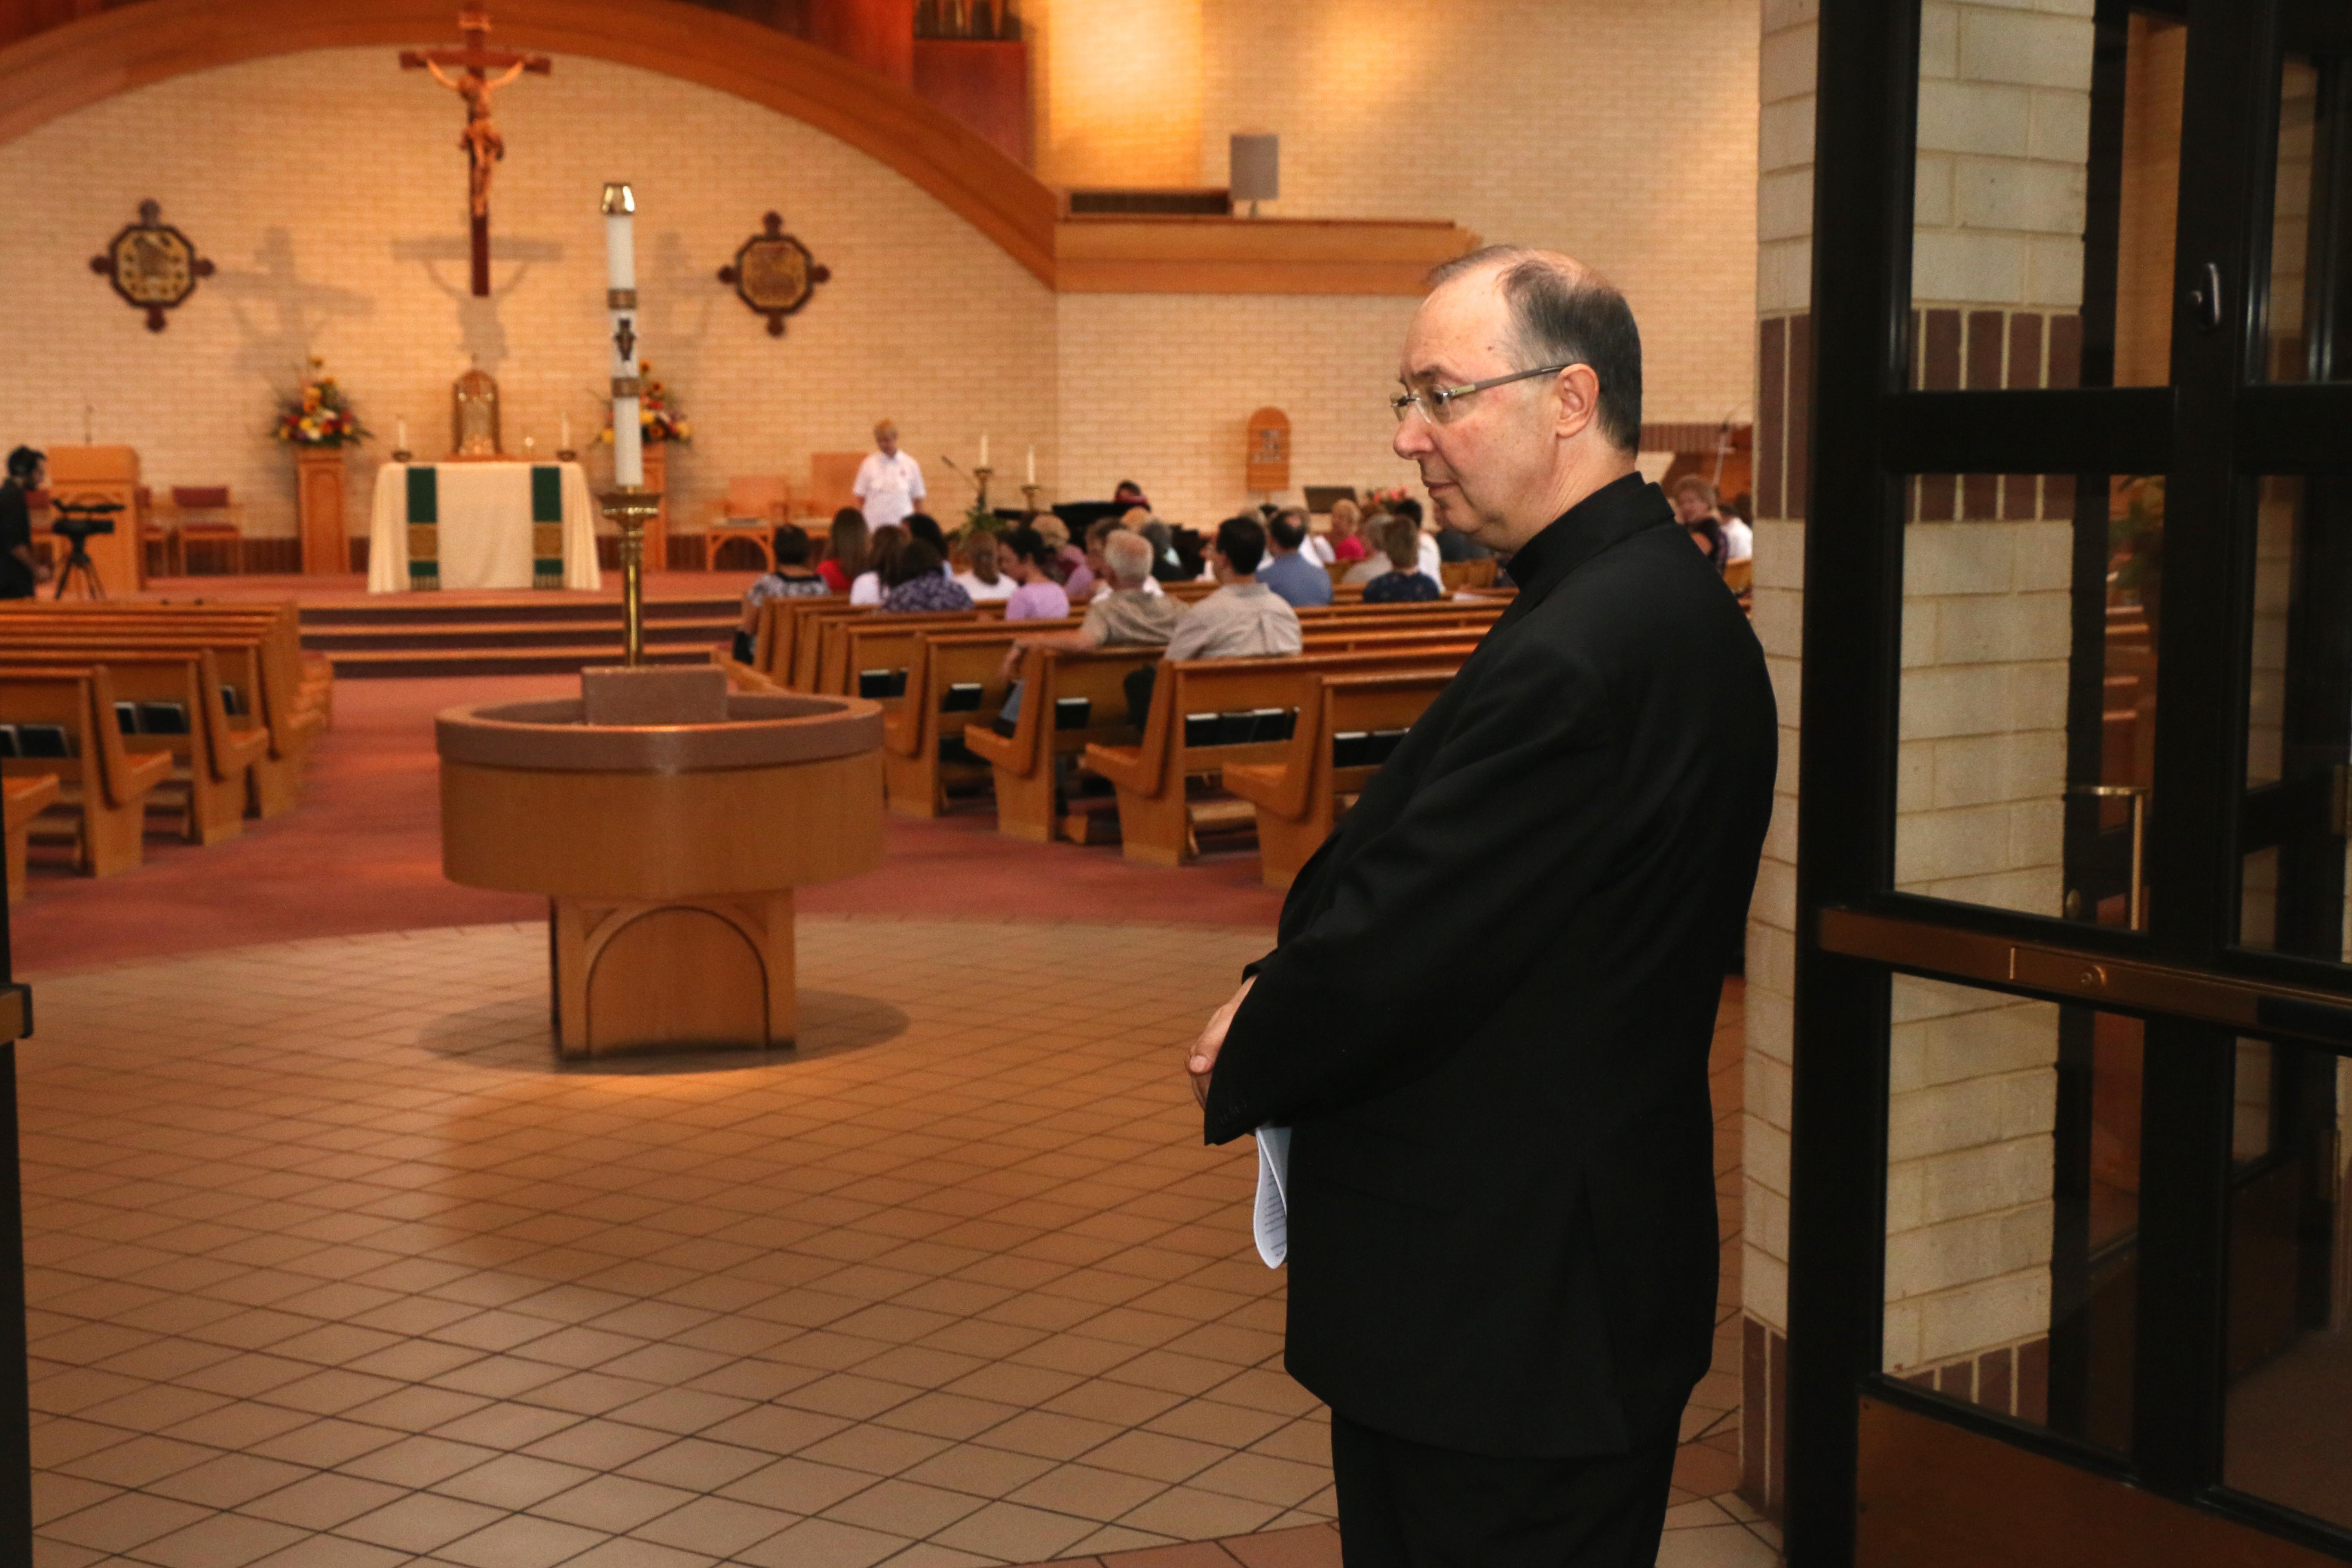 Flemington Choral Workshop